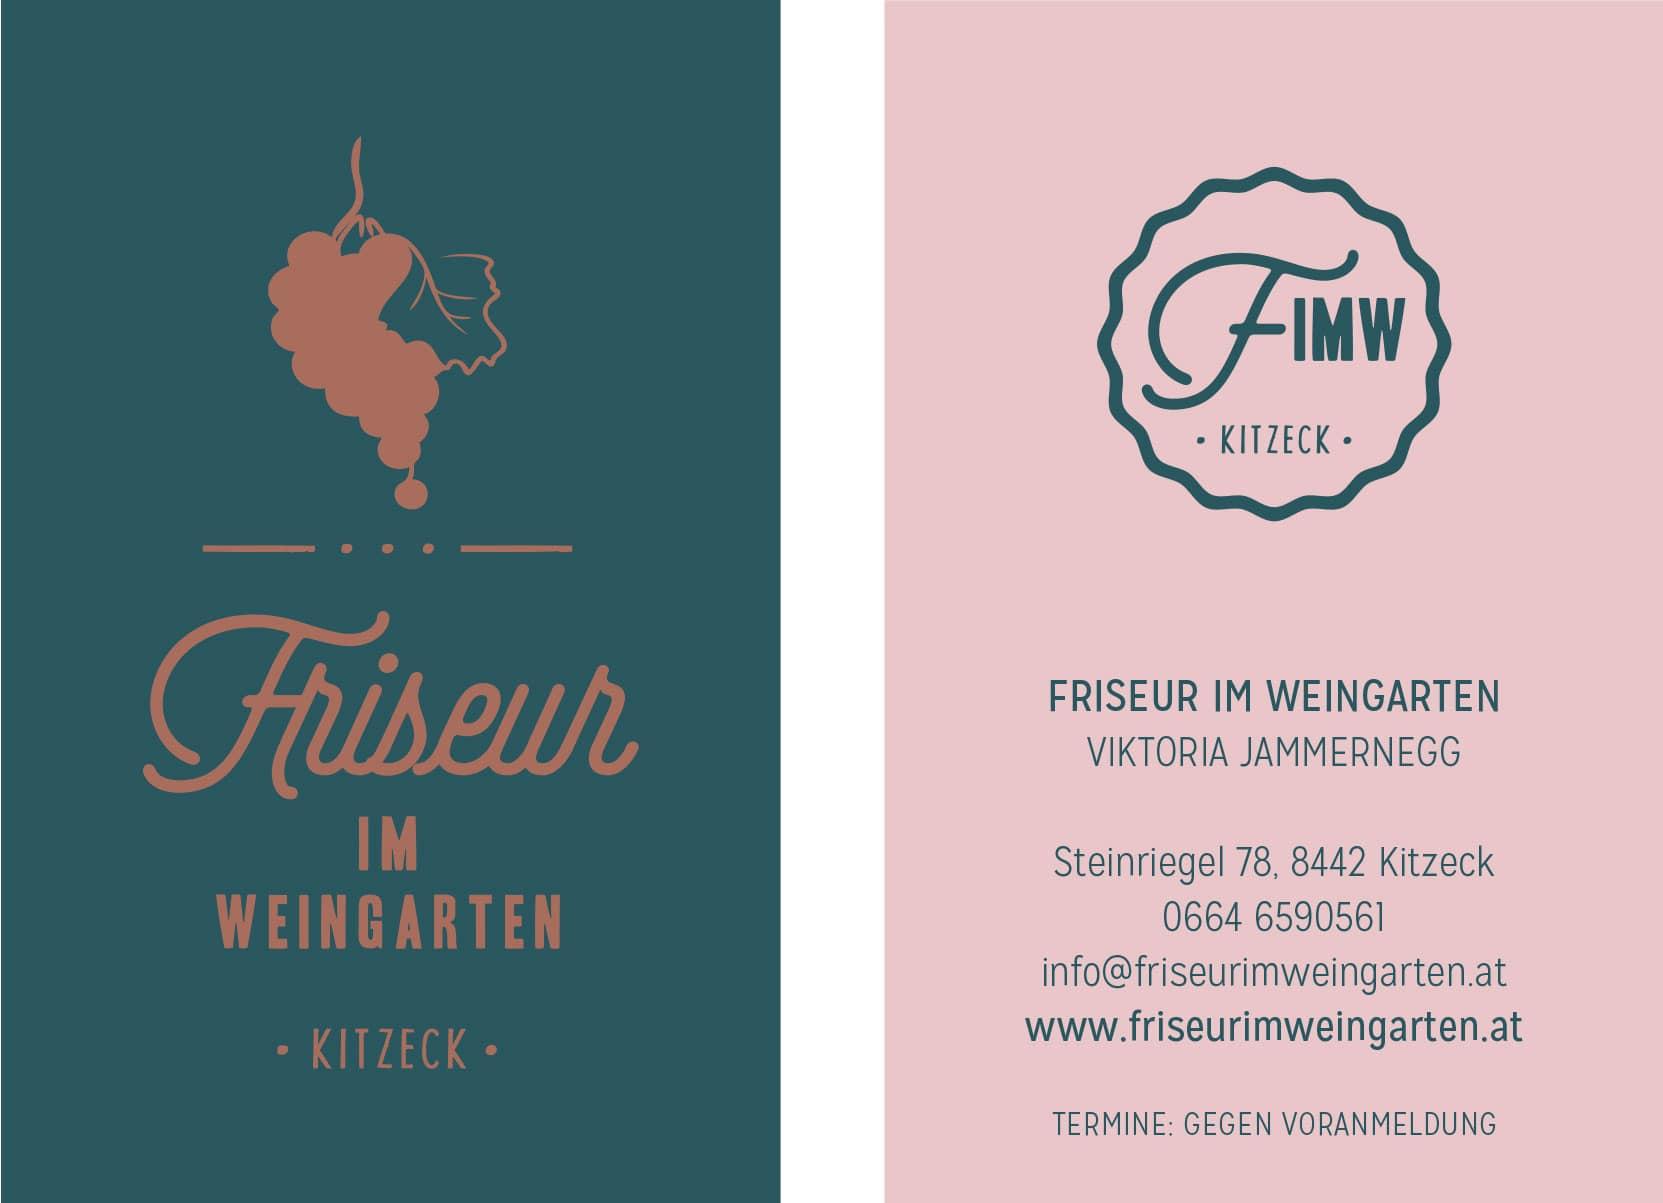 Friseur im Weingarten – Kitzeck / Design